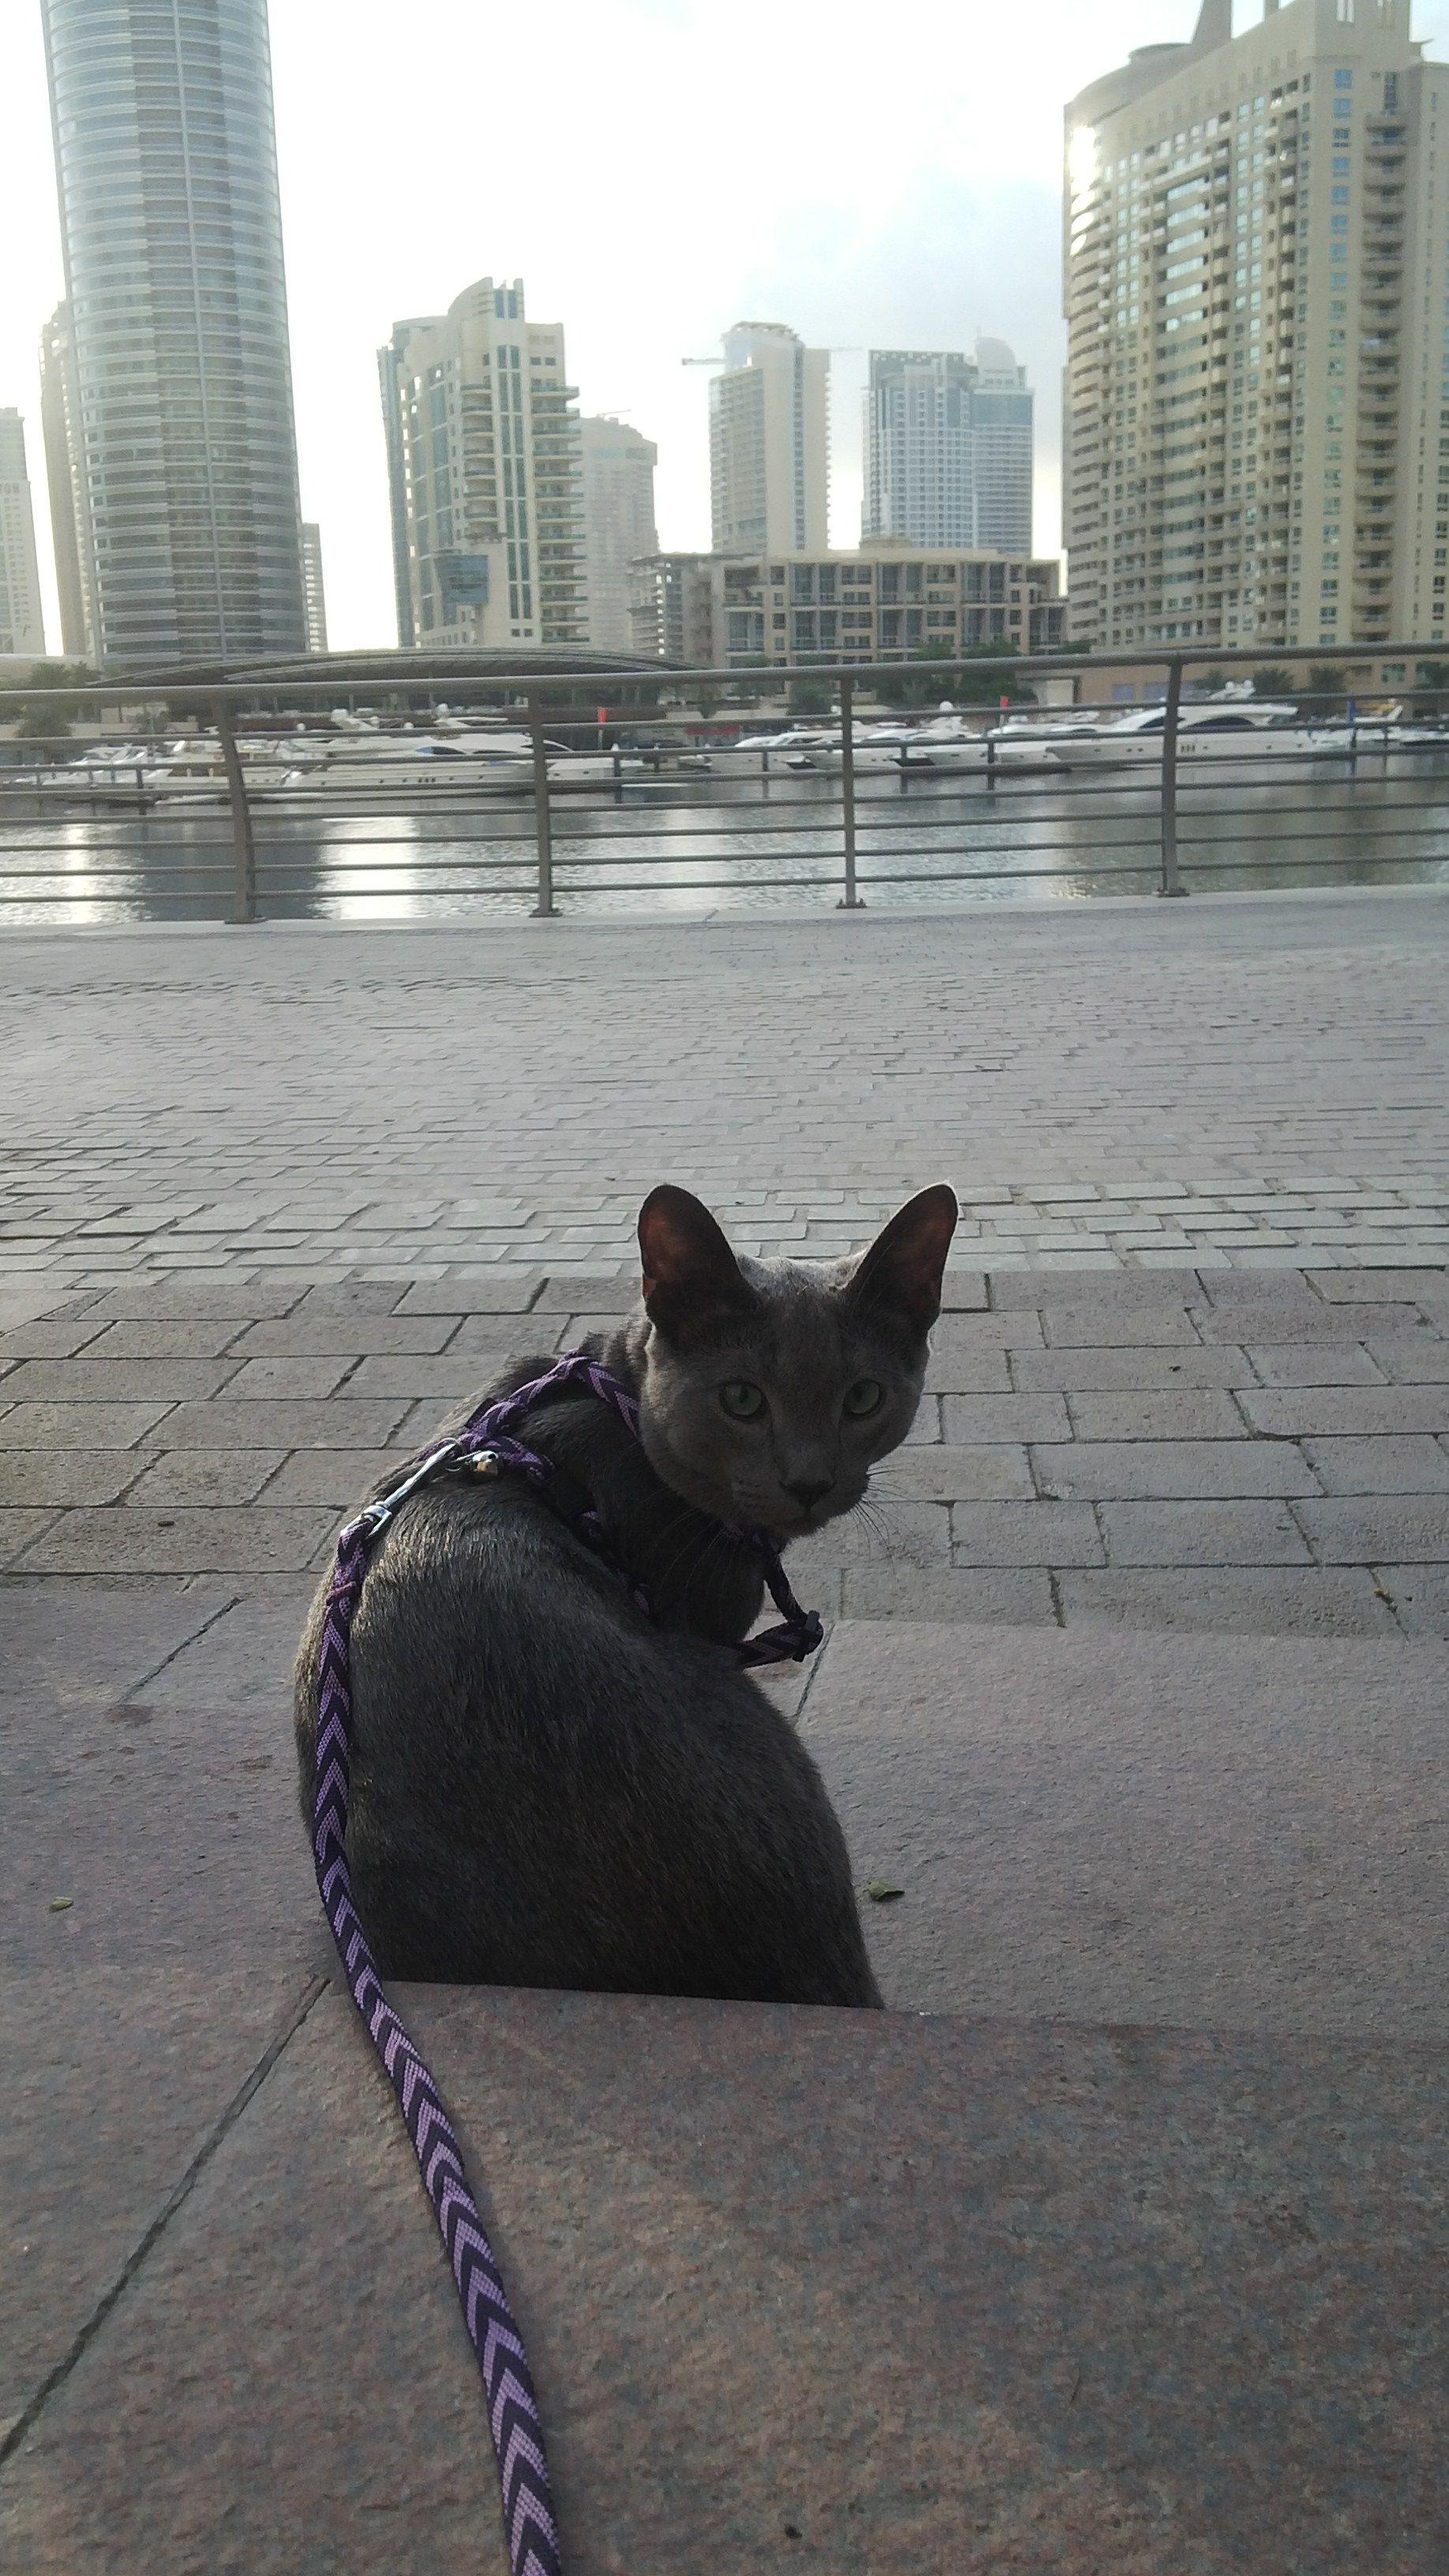 Enjoying my morning stroll